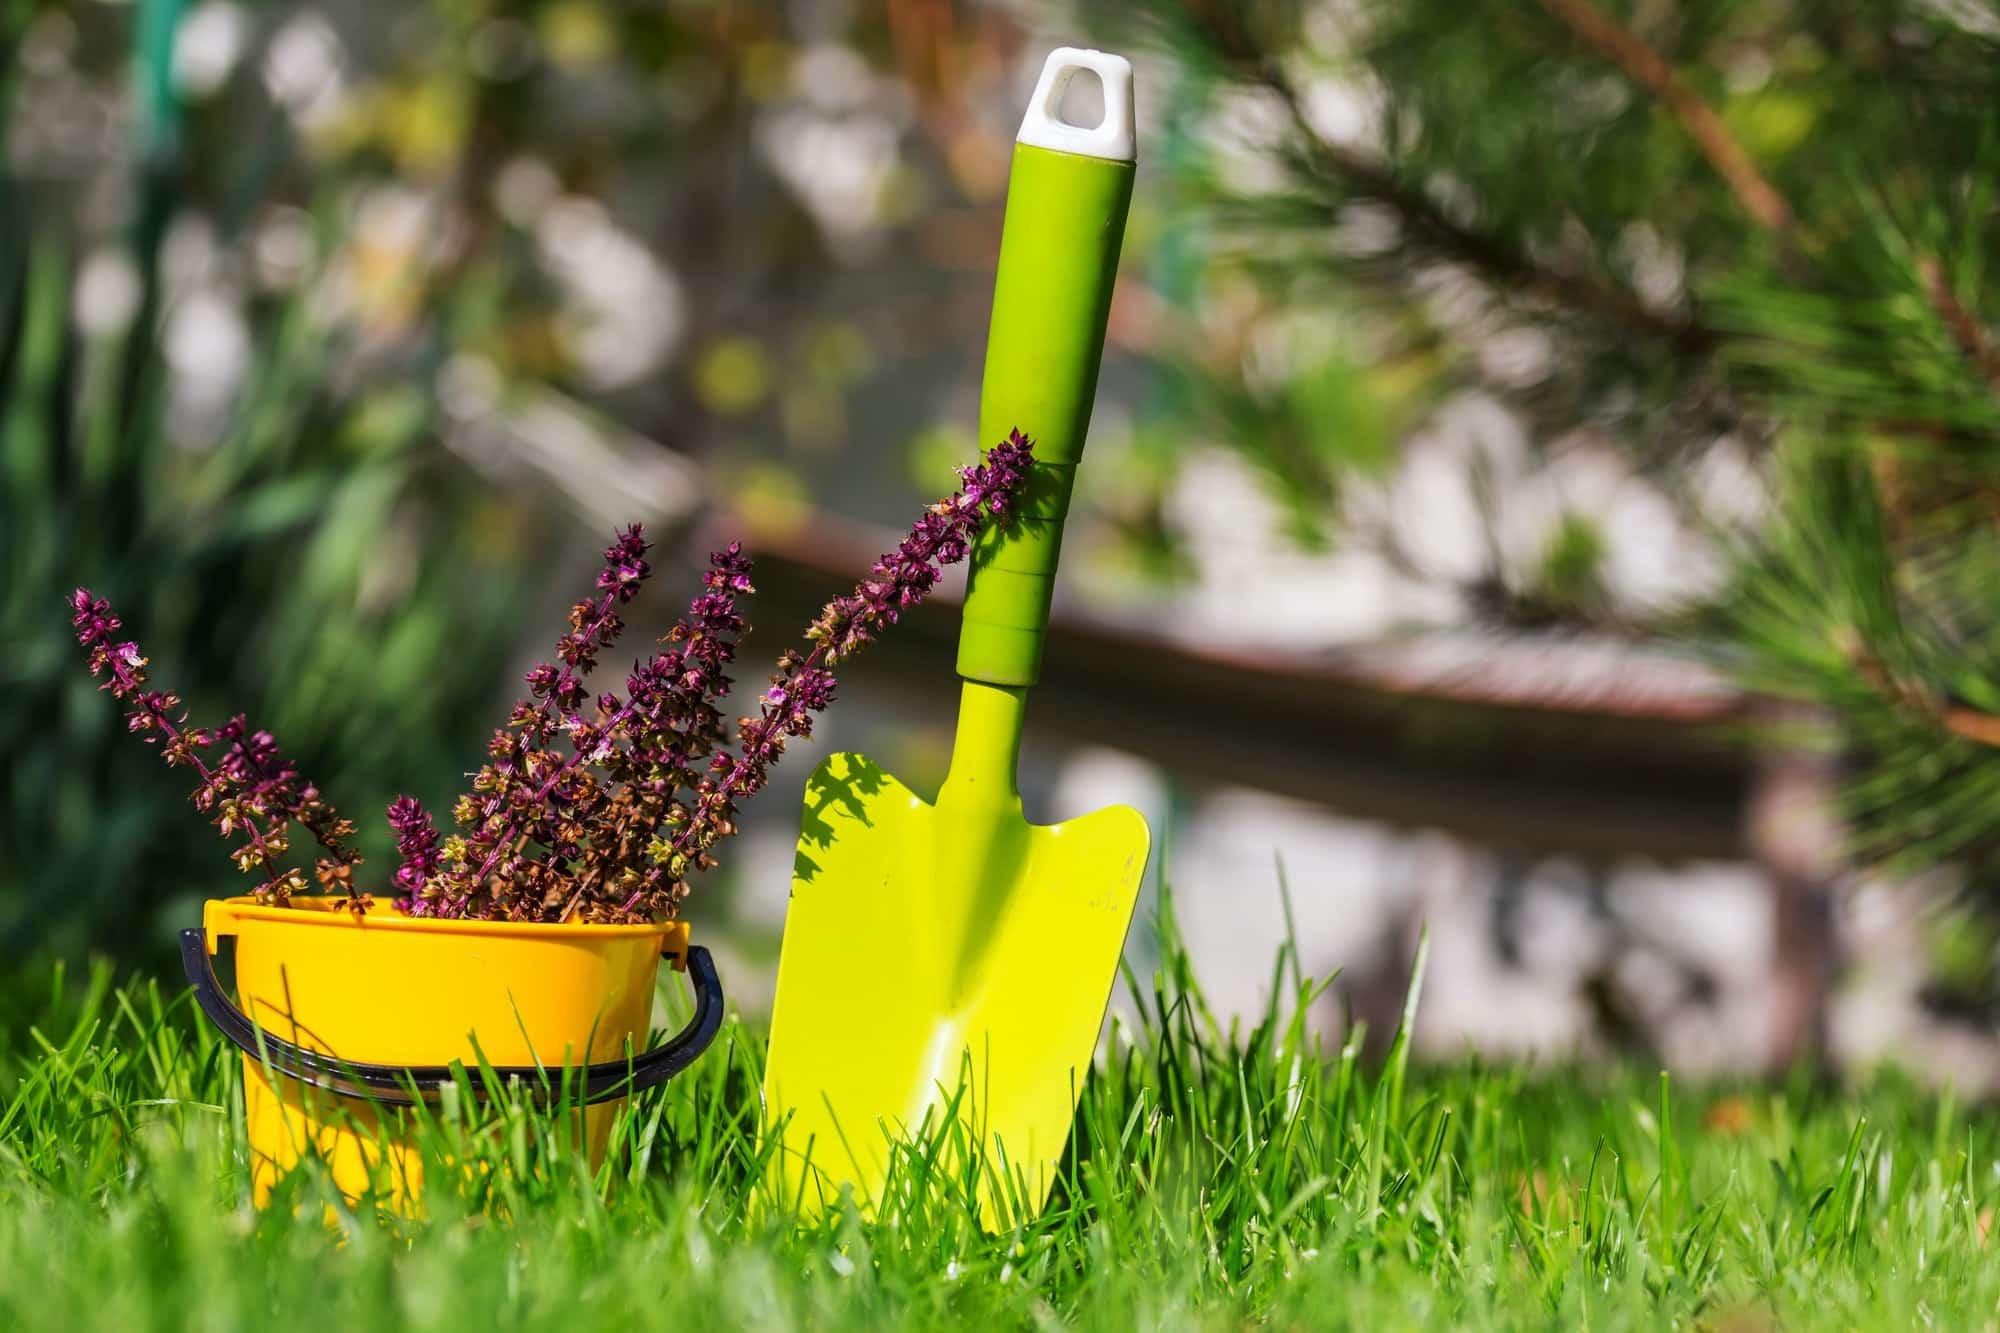 transplantoir planté dans le sol, accessoire de jardin